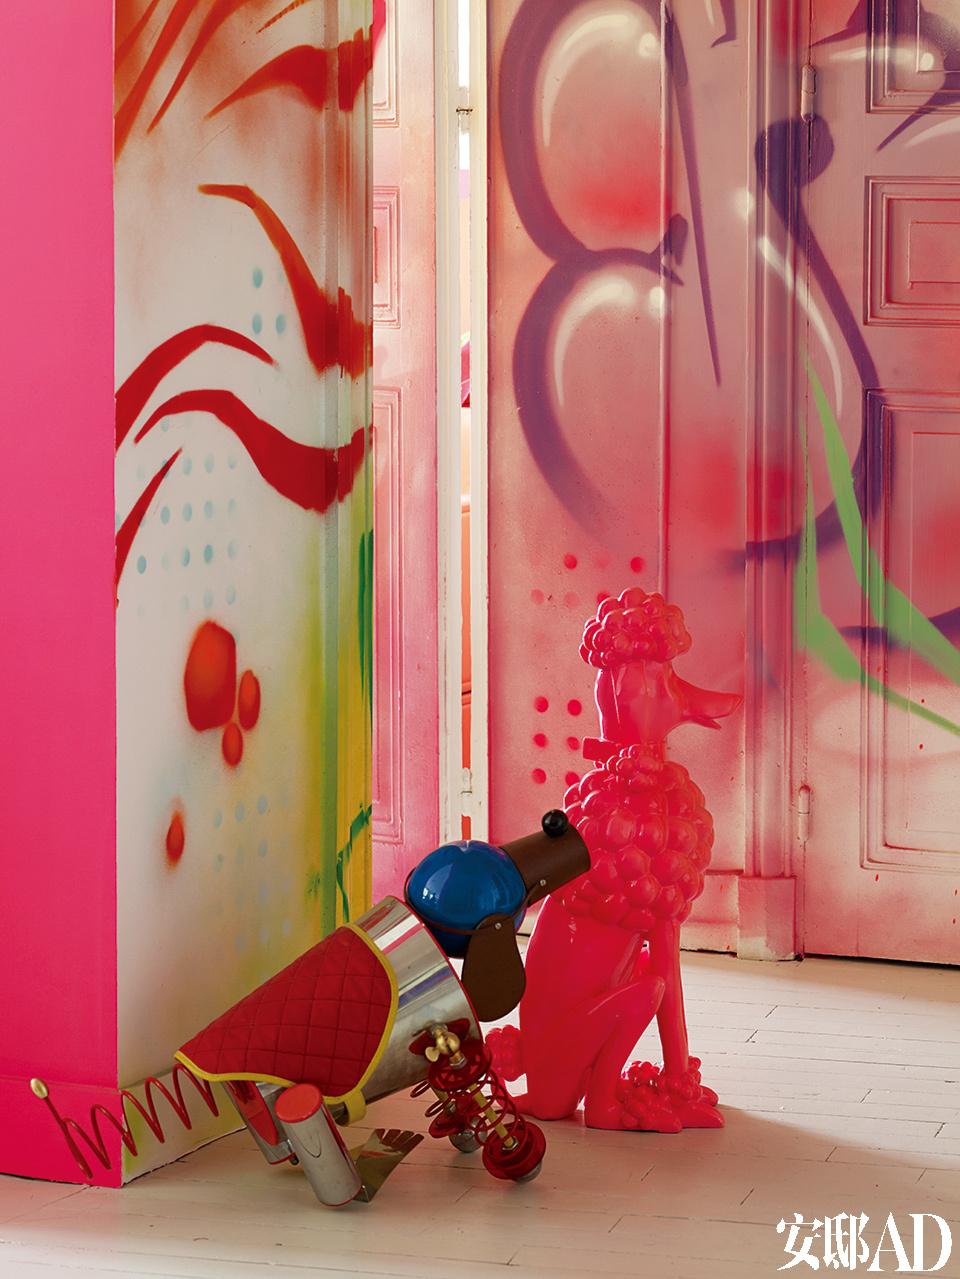 """""""我把生活当作一场不可思议的冒险,每天都有新刺激,这太美妙了。""""背景中入口处的墙绘由巴黎街头艺术家Rude(3HC)创作,彩色机械狗来自Prada。"""